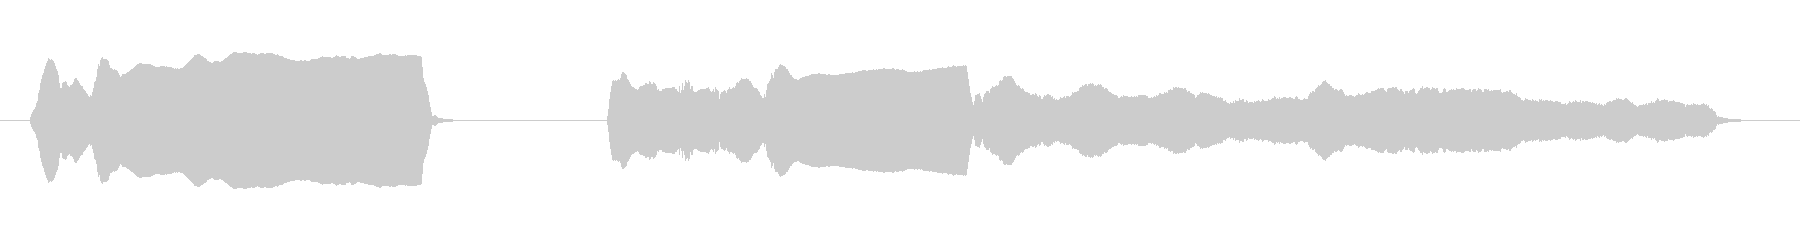 脱力系バッハ(トッカータとフーガ)の未再生の波形